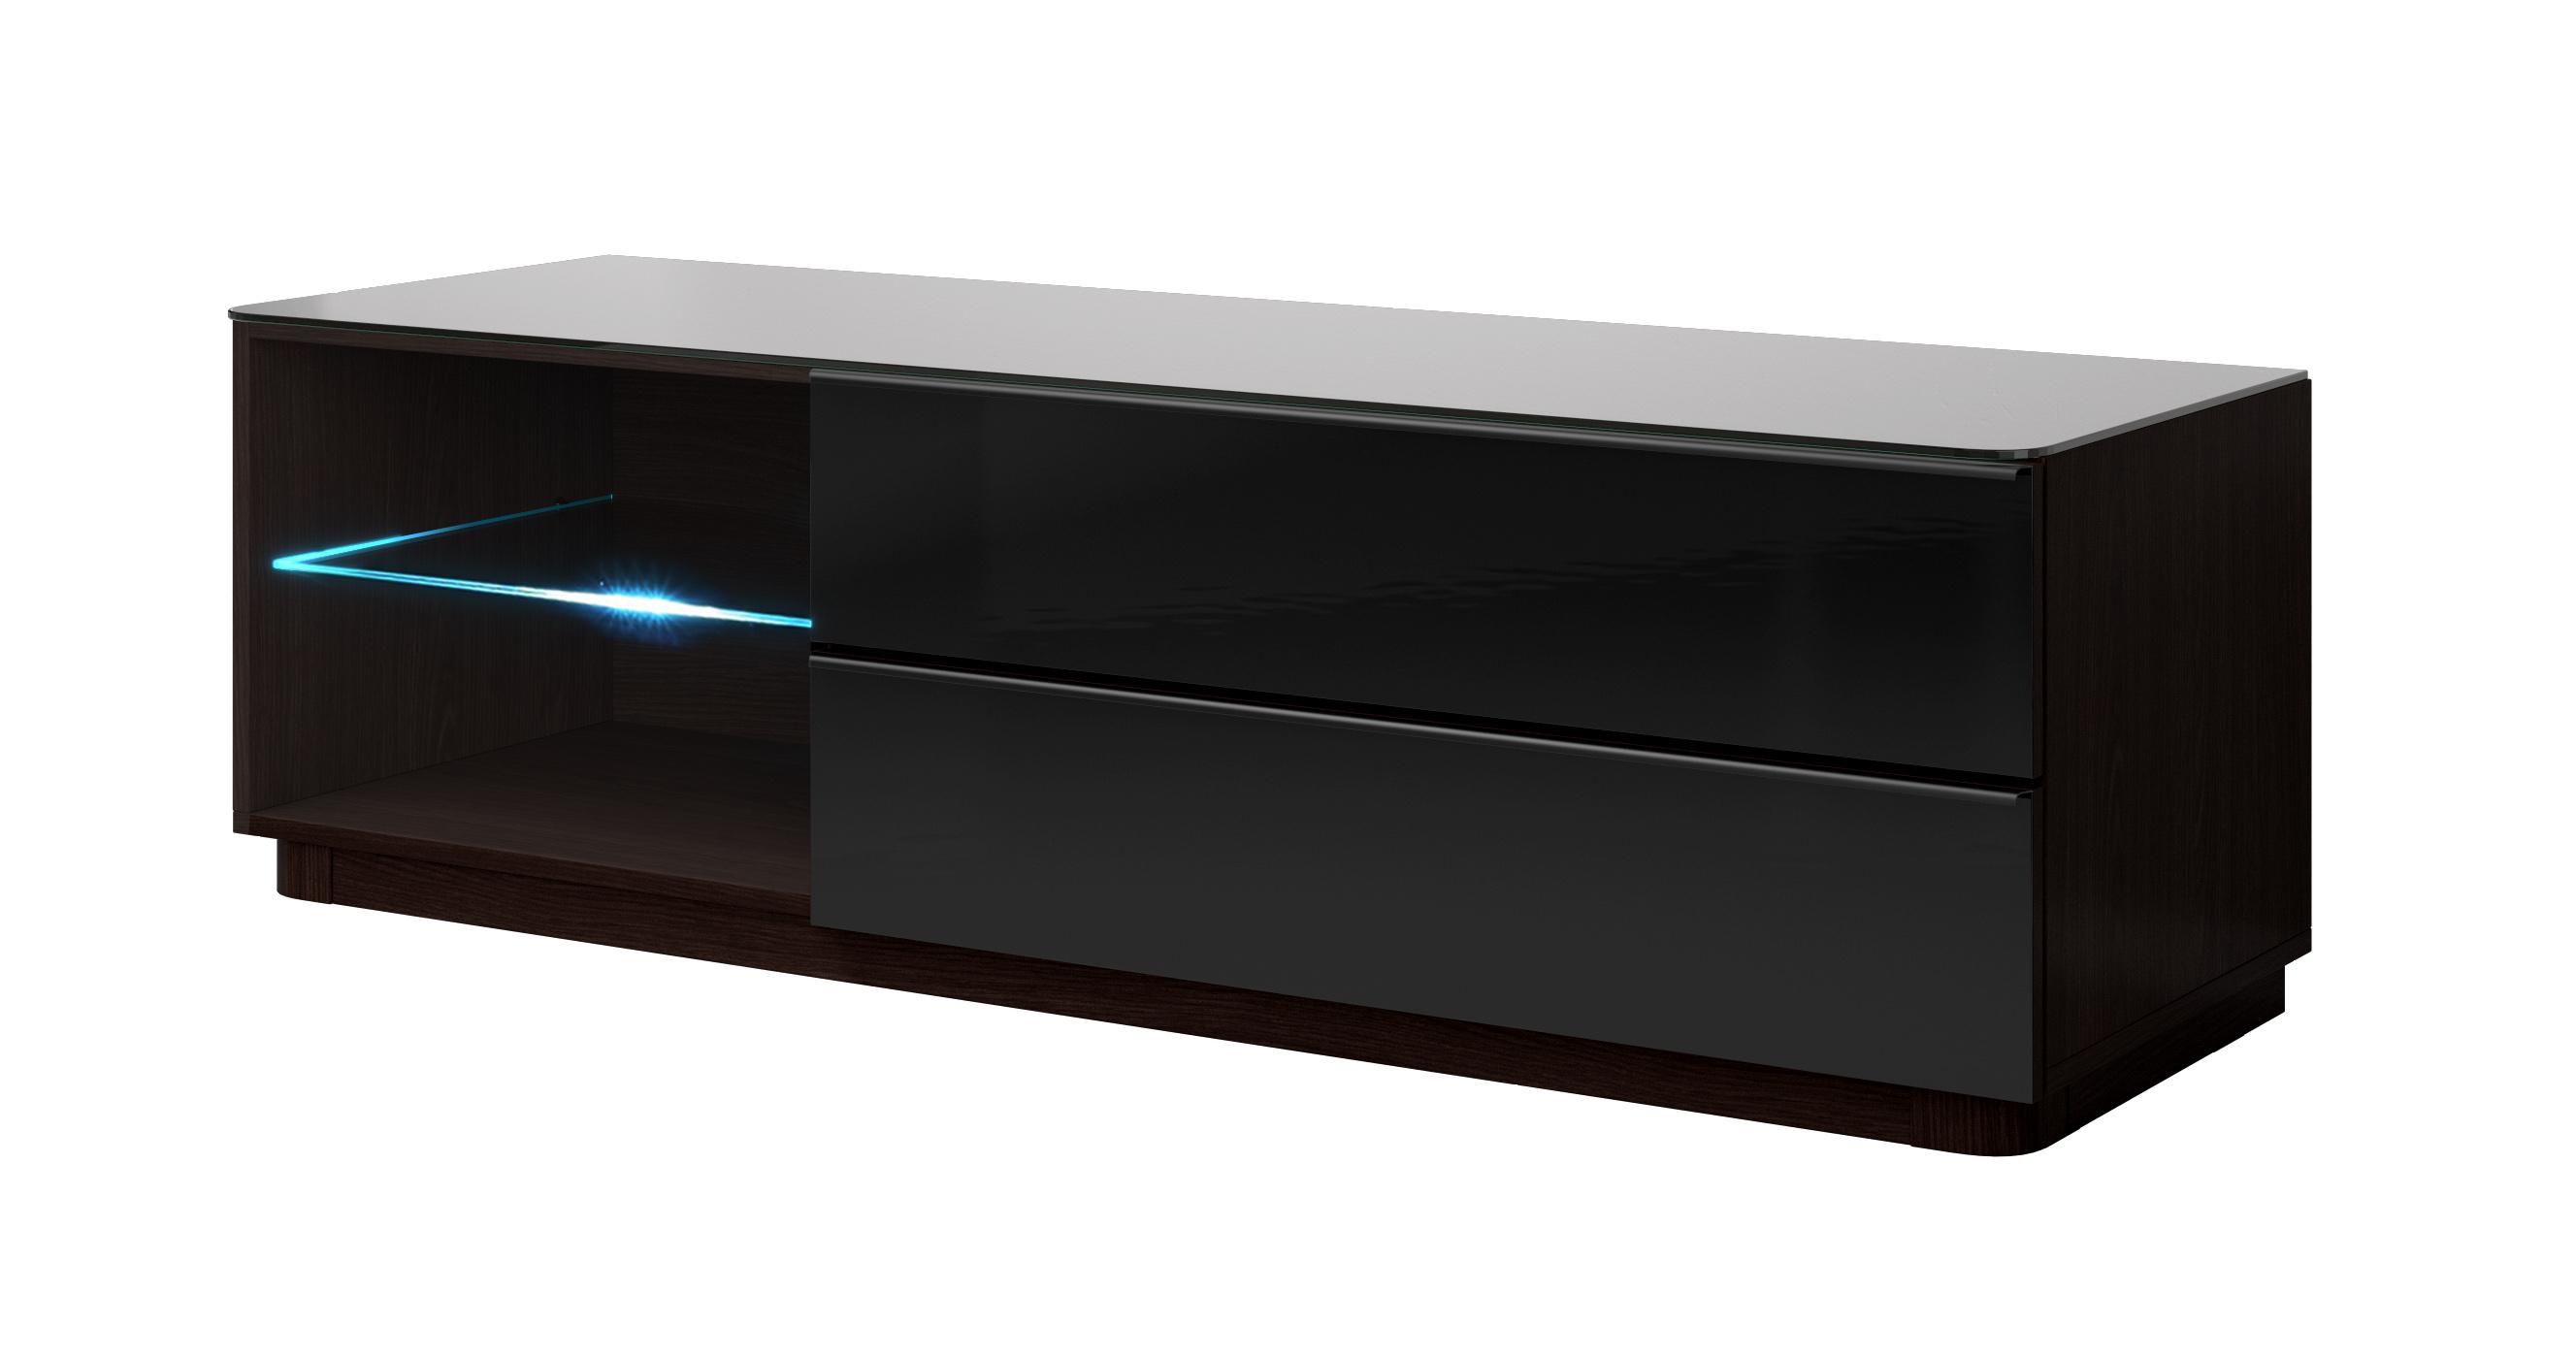 TV stolík/skrinka - Toft - Typ 40 (wenge + čierne sklo). Akcia -42%. Vlastná spoľahlivá doprava až k Vám domov.